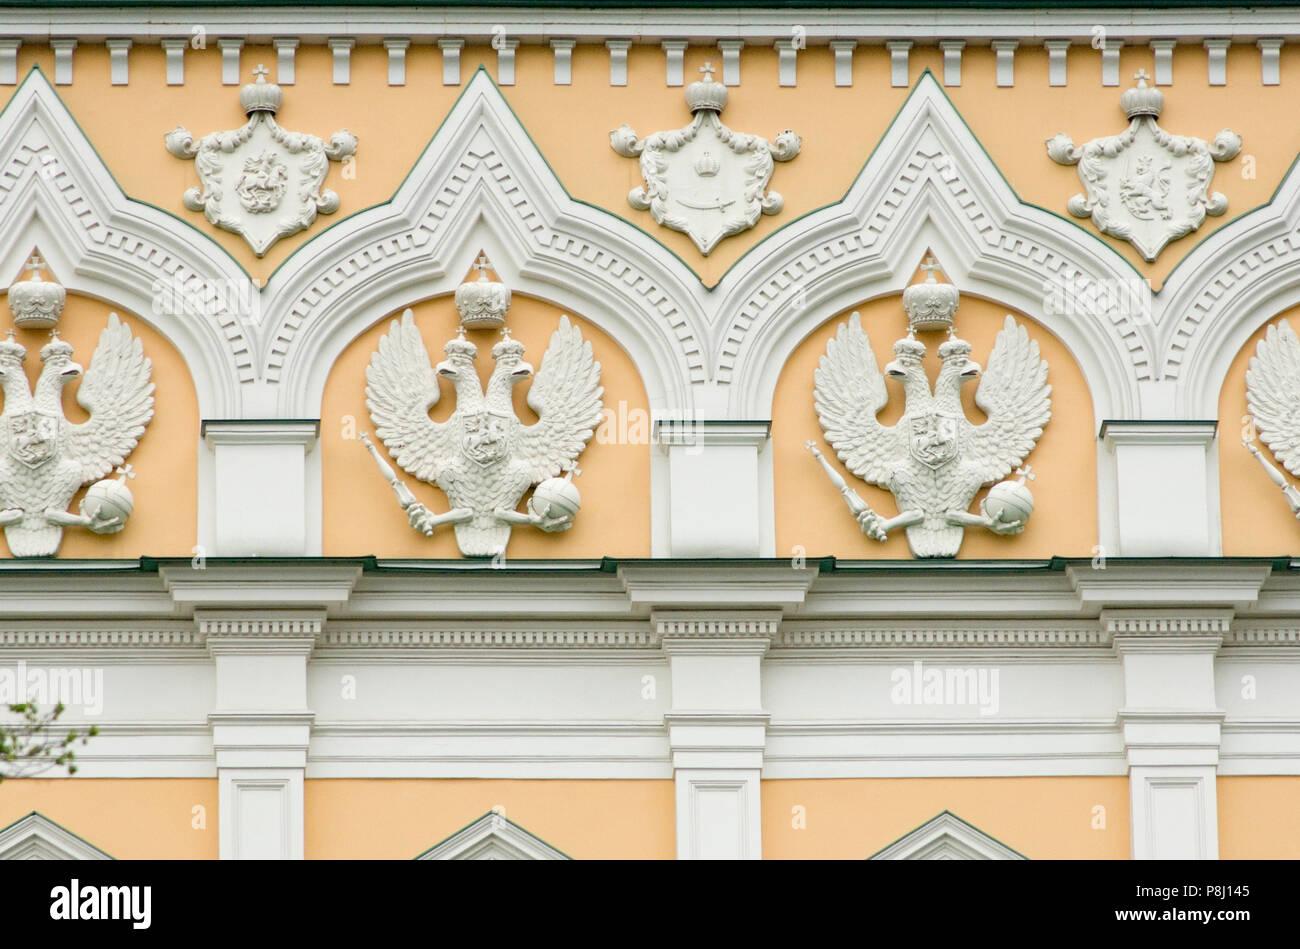 Kremlin wall detail - Stock Image